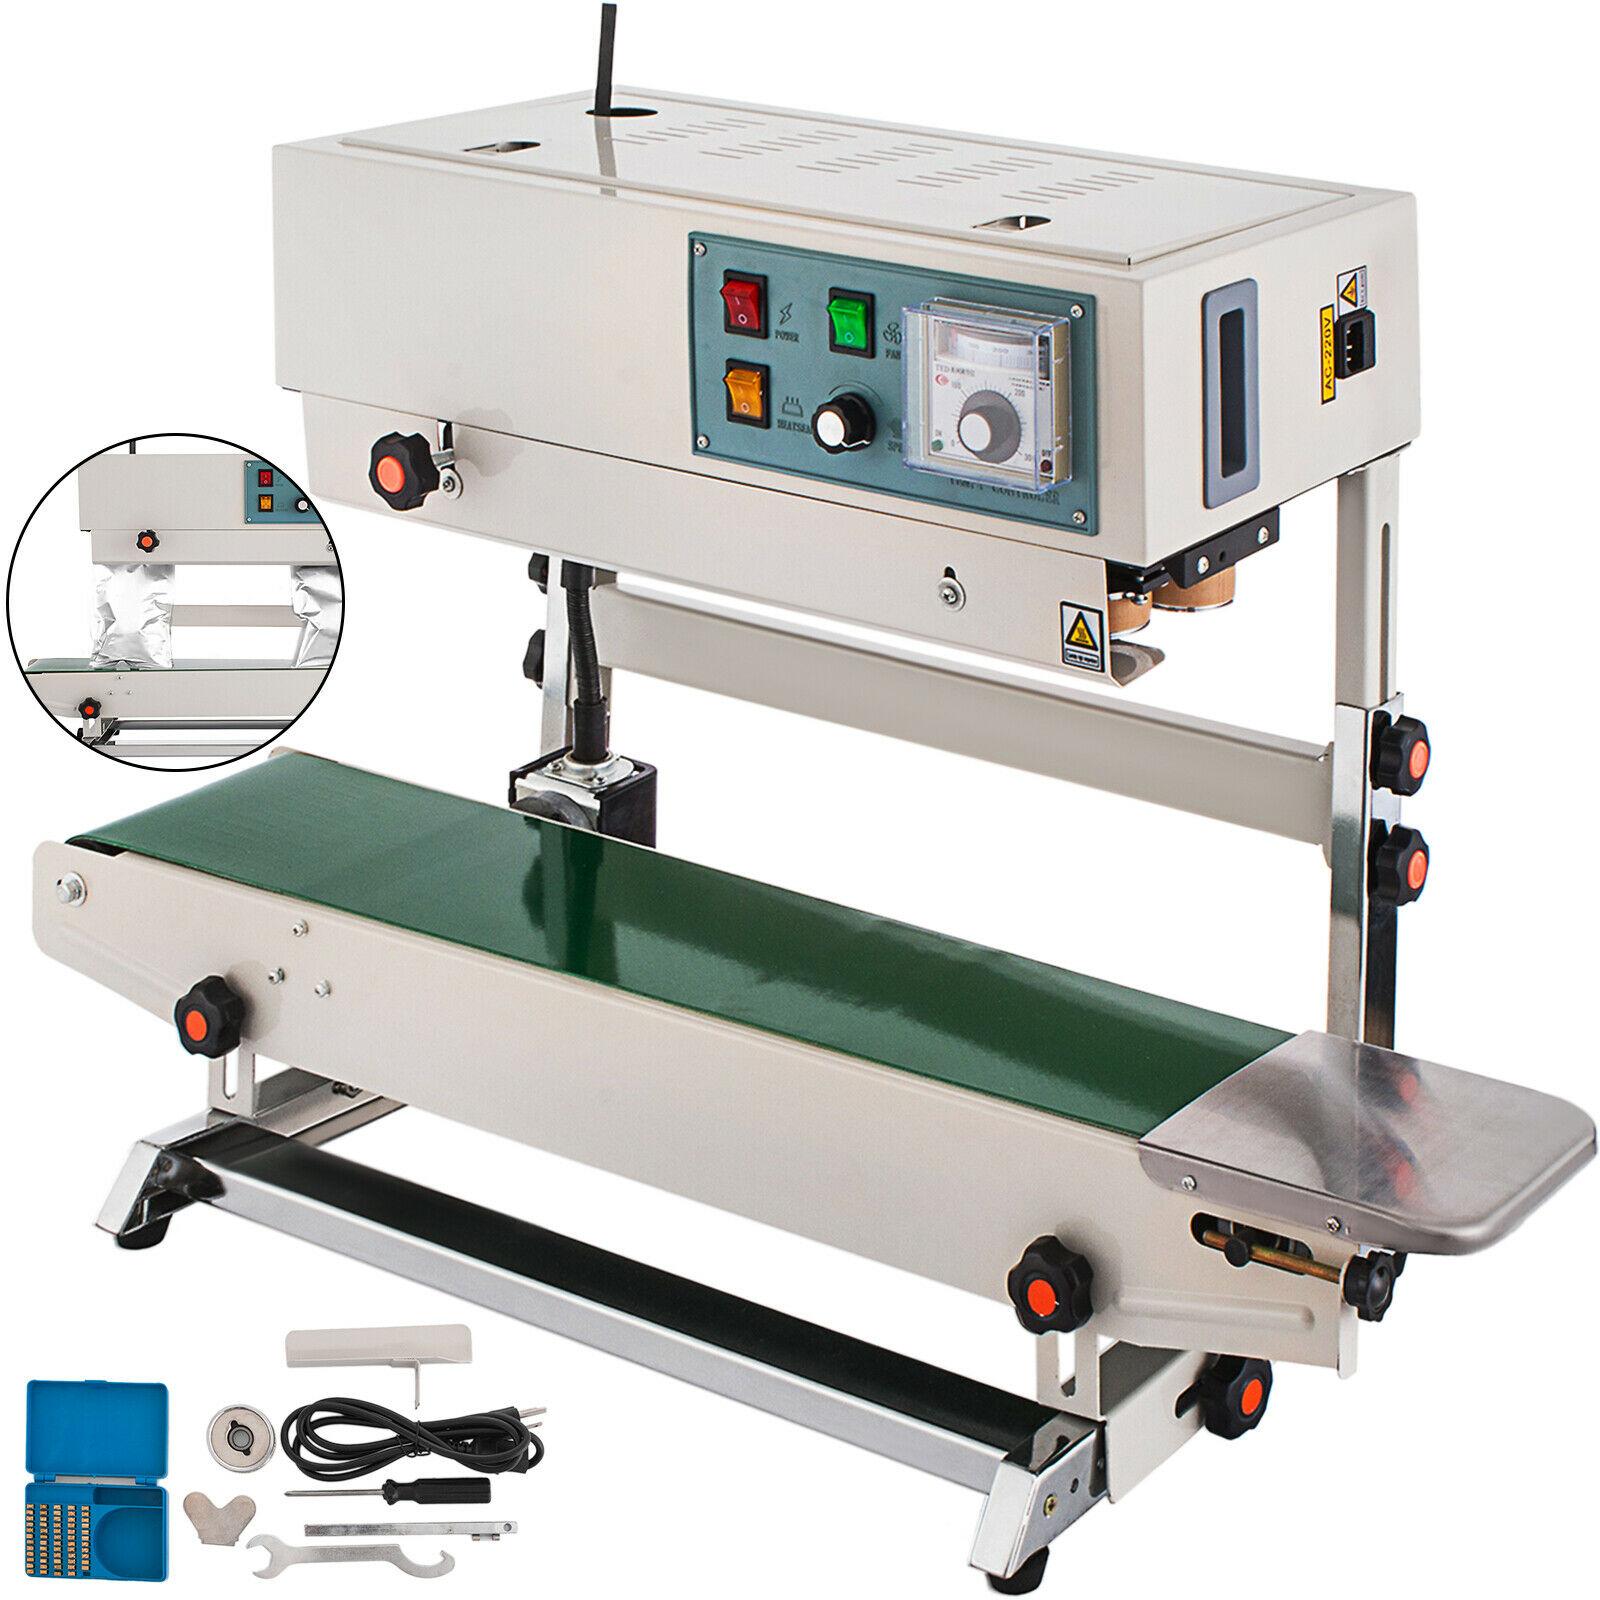 VEVOR FR-900 المستمر الرأسي/الأفقي آلة الختم 700 واط التلقائي السدادة البلاستيكية الترميز البلاستيك شعار لخط الإنتاج